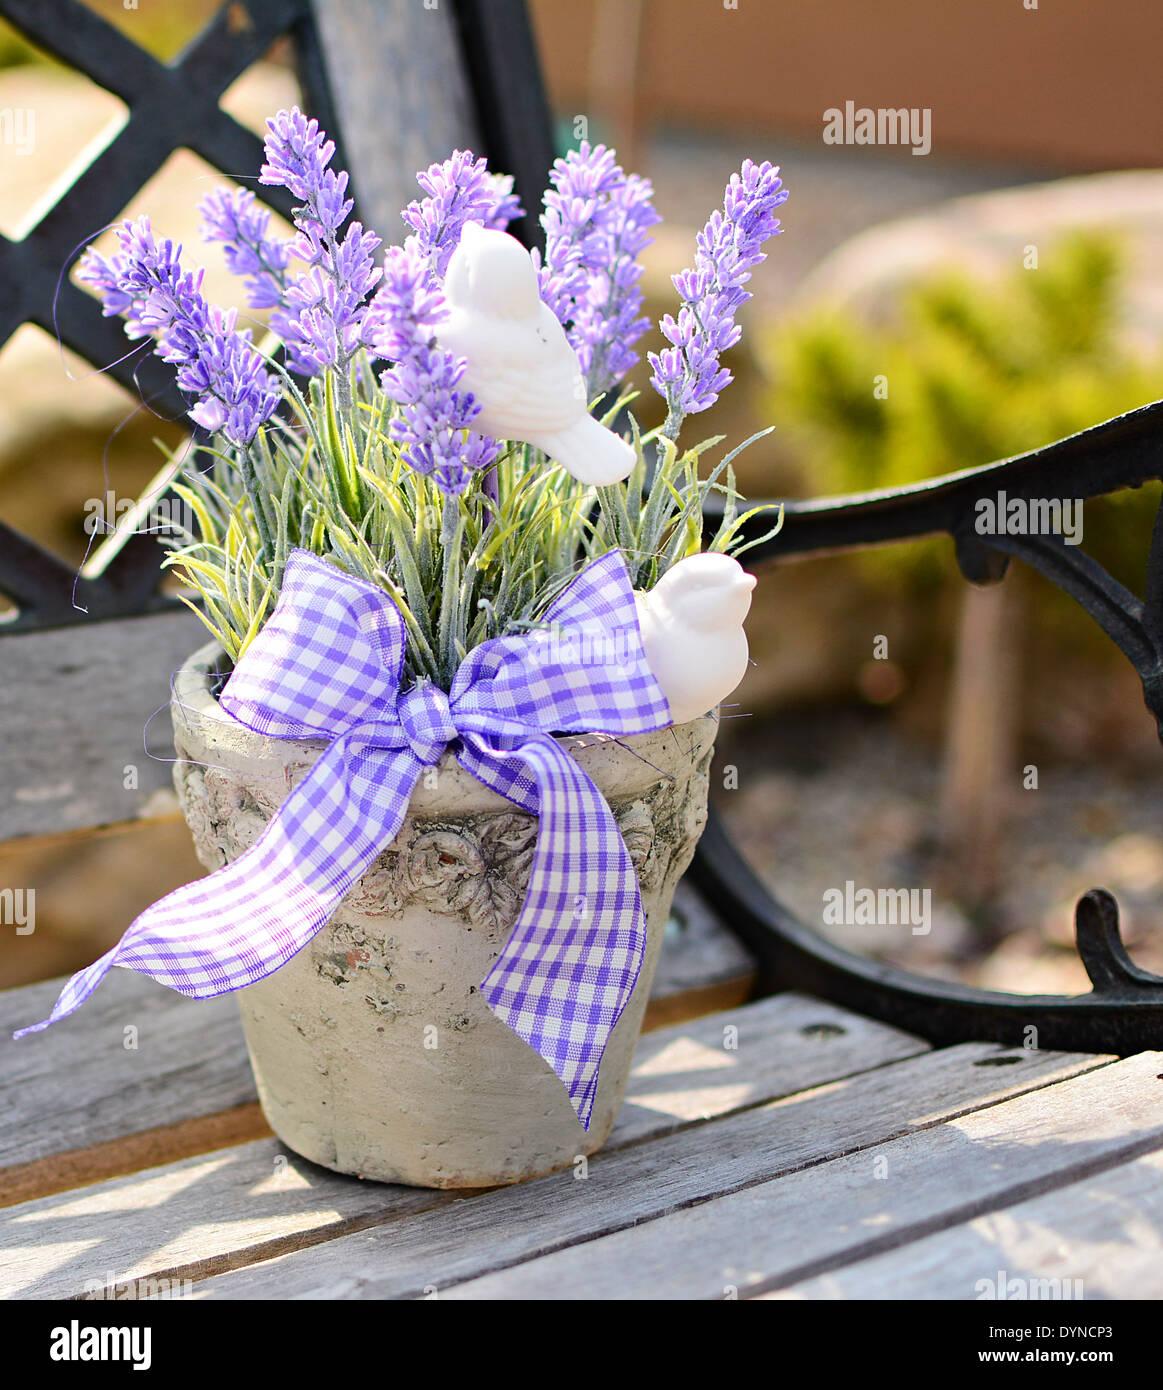 Lavendel In Den Alten Topf Auf Der Bank Haus Dekoration Stockfoto